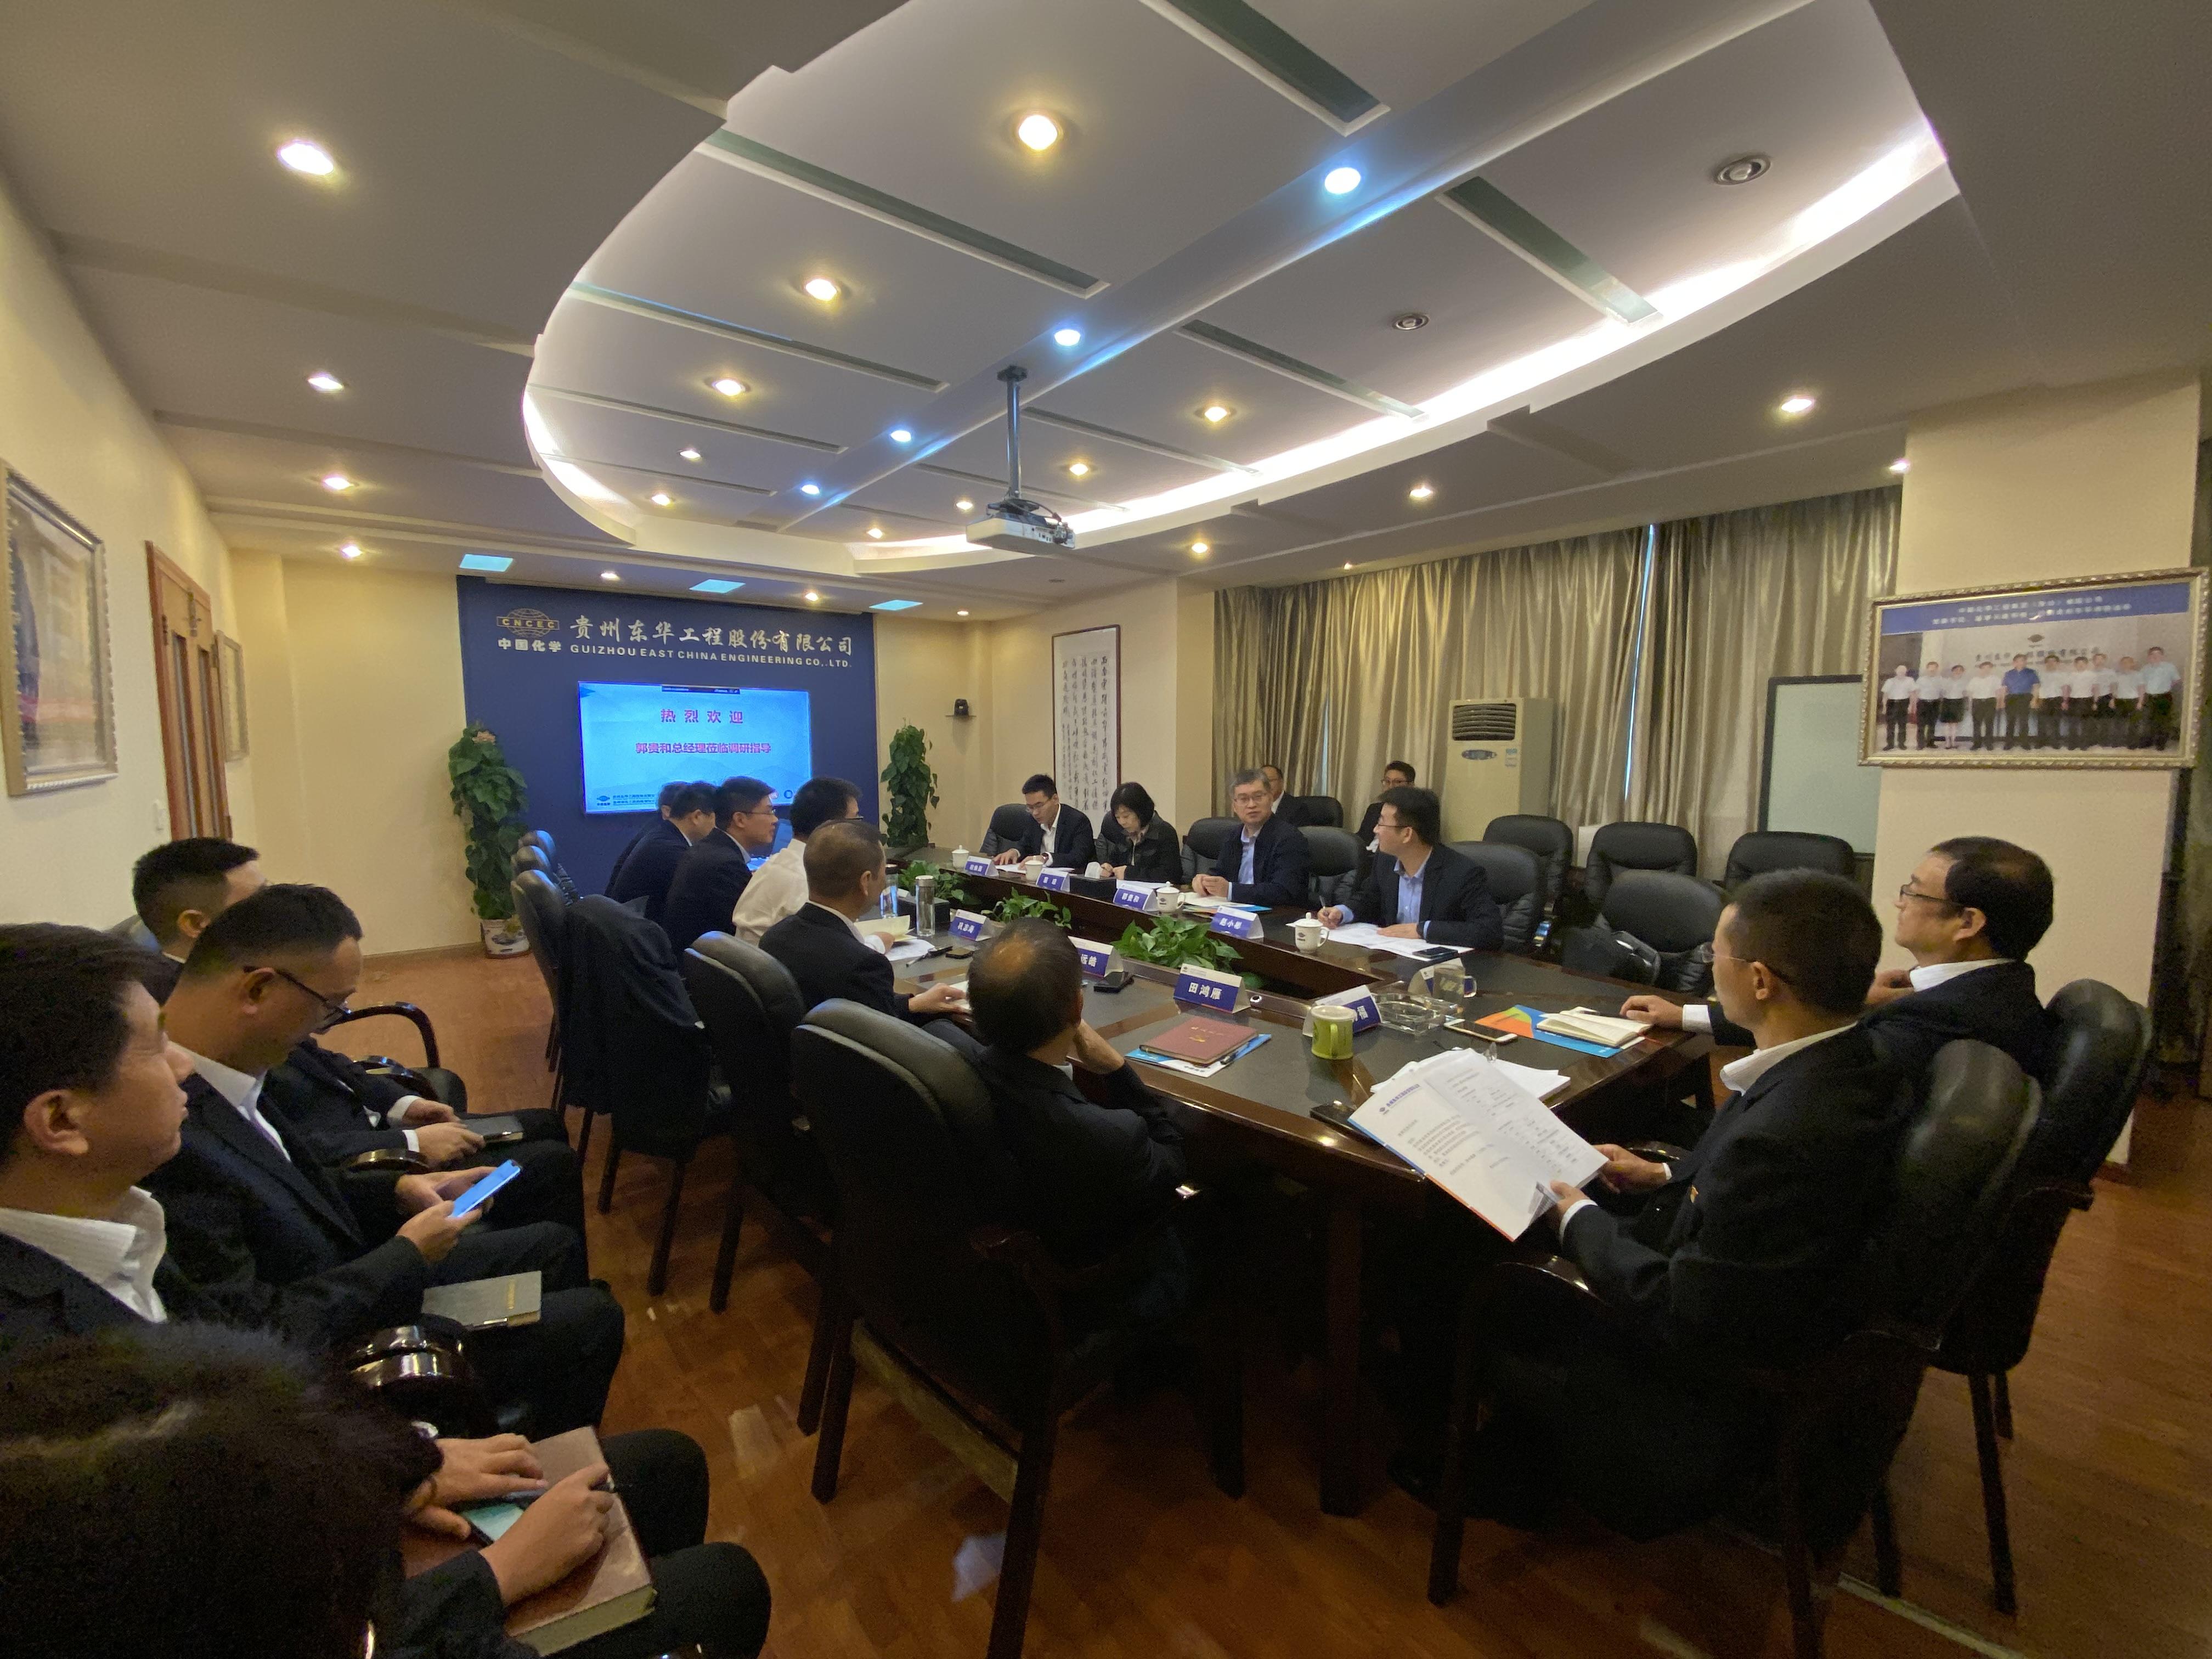 东华科技党委副书记、总经理郭贵和莅临贵州东华调研指导